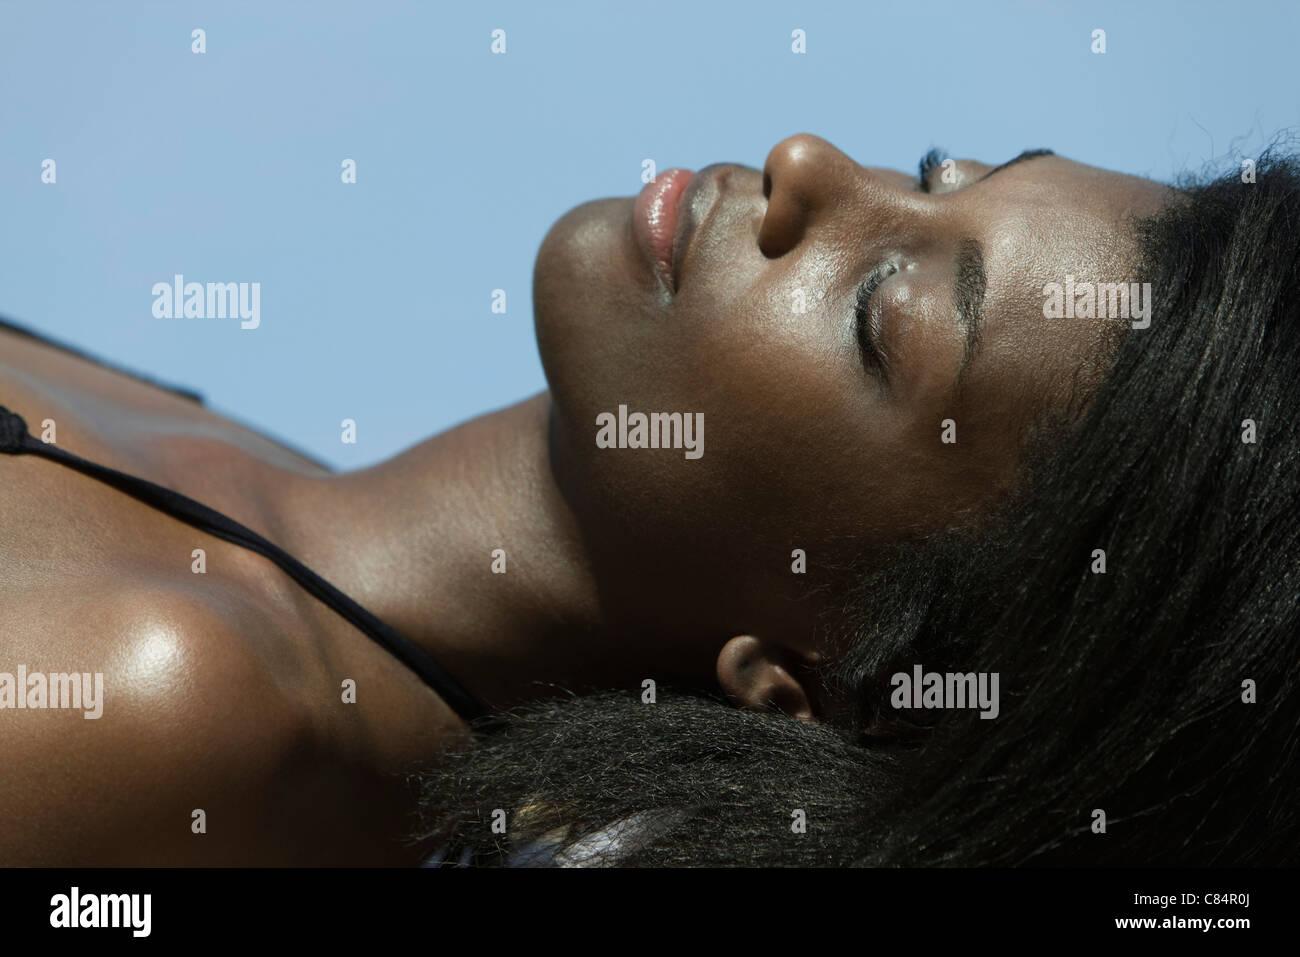 Woman sunbathing - Stock Image